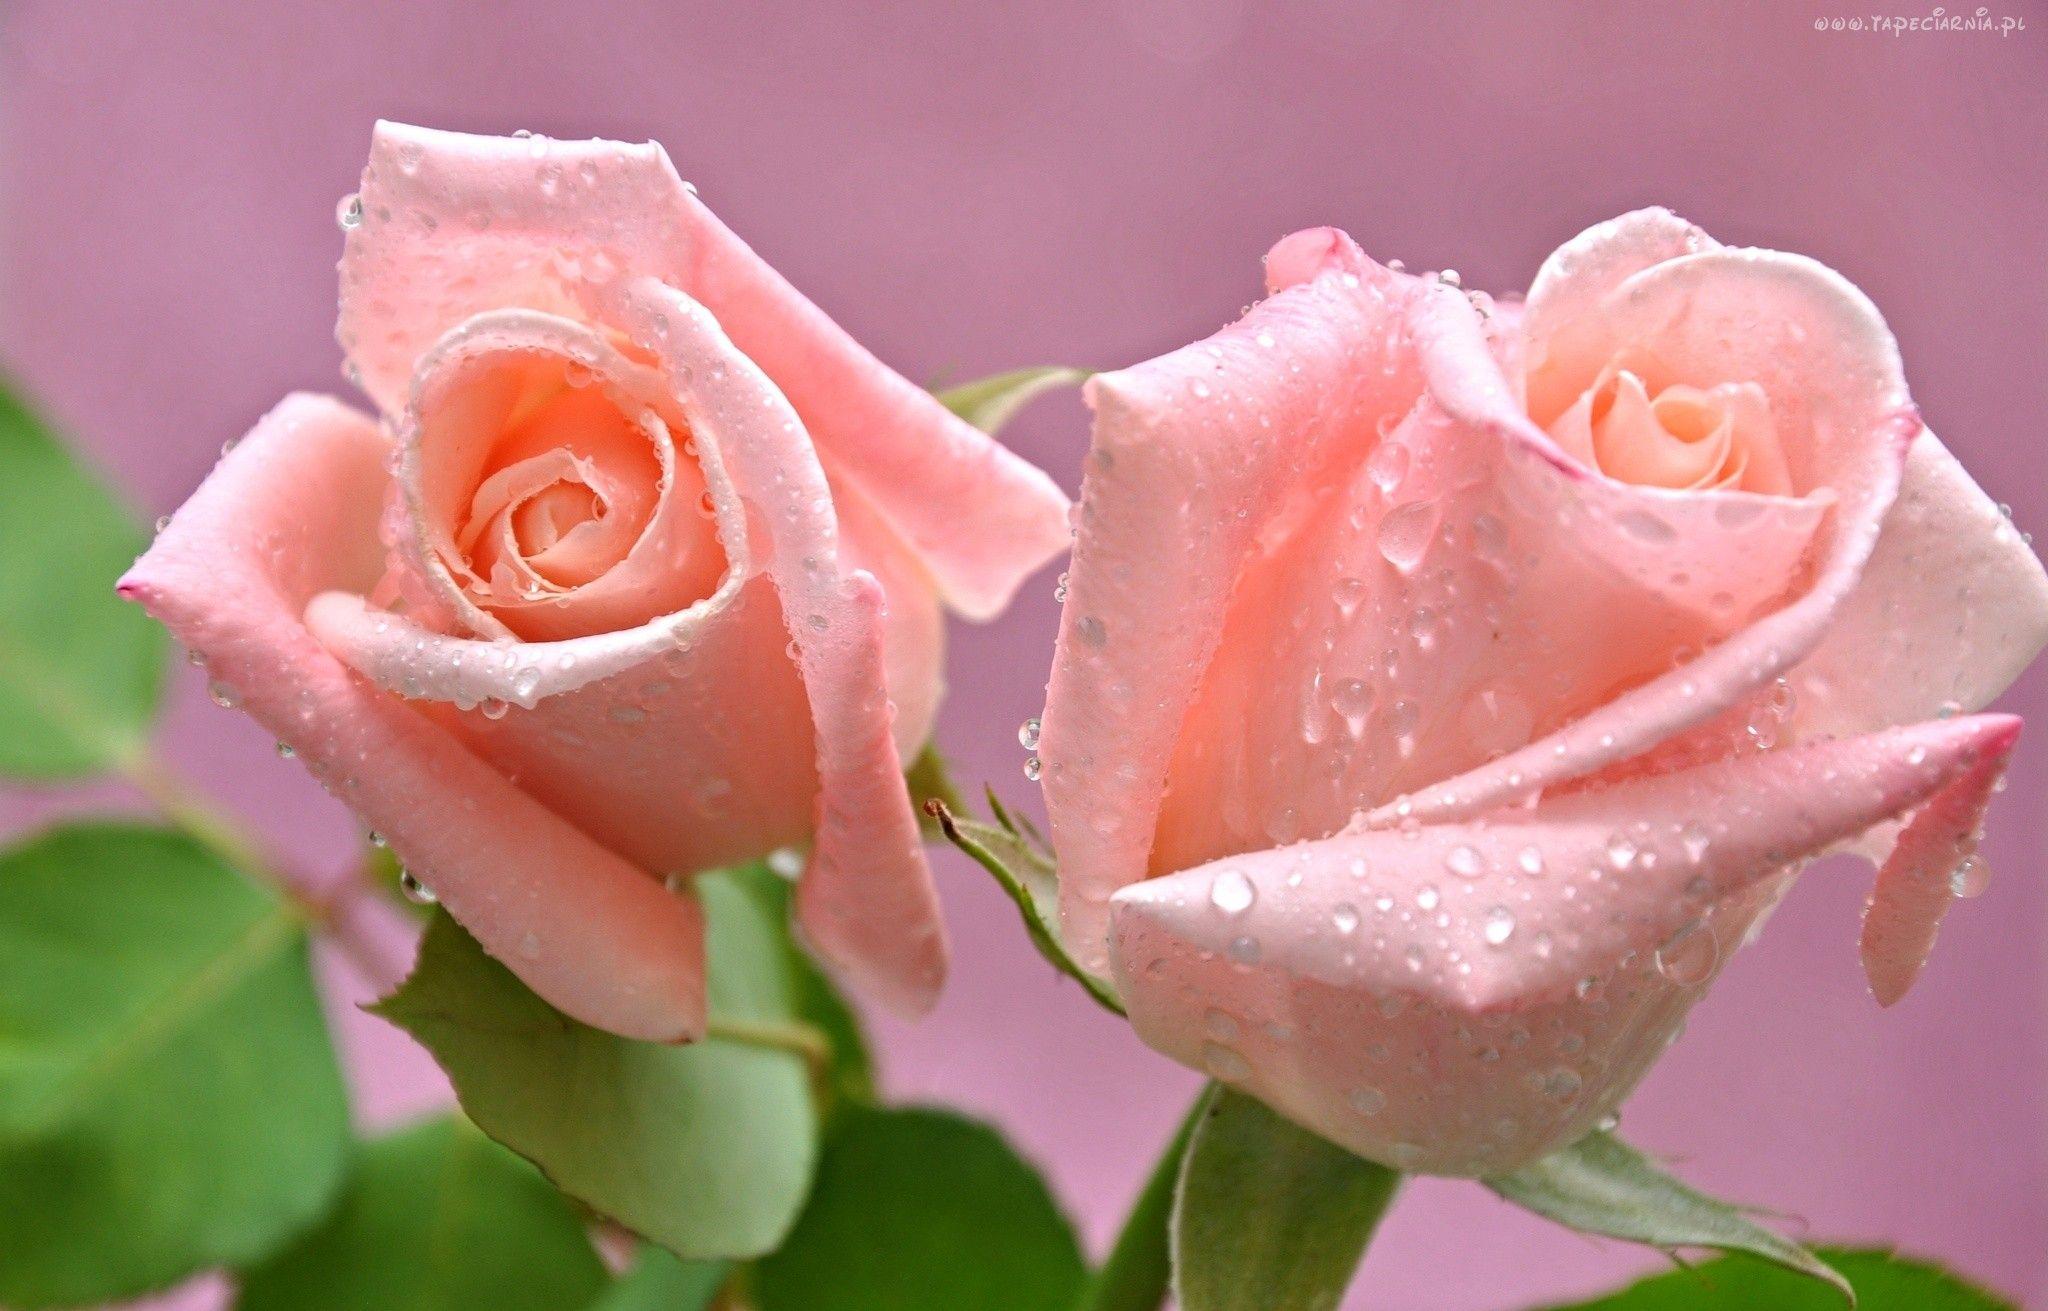 Roze Kwiaty Flowers Rose Flower Pictures